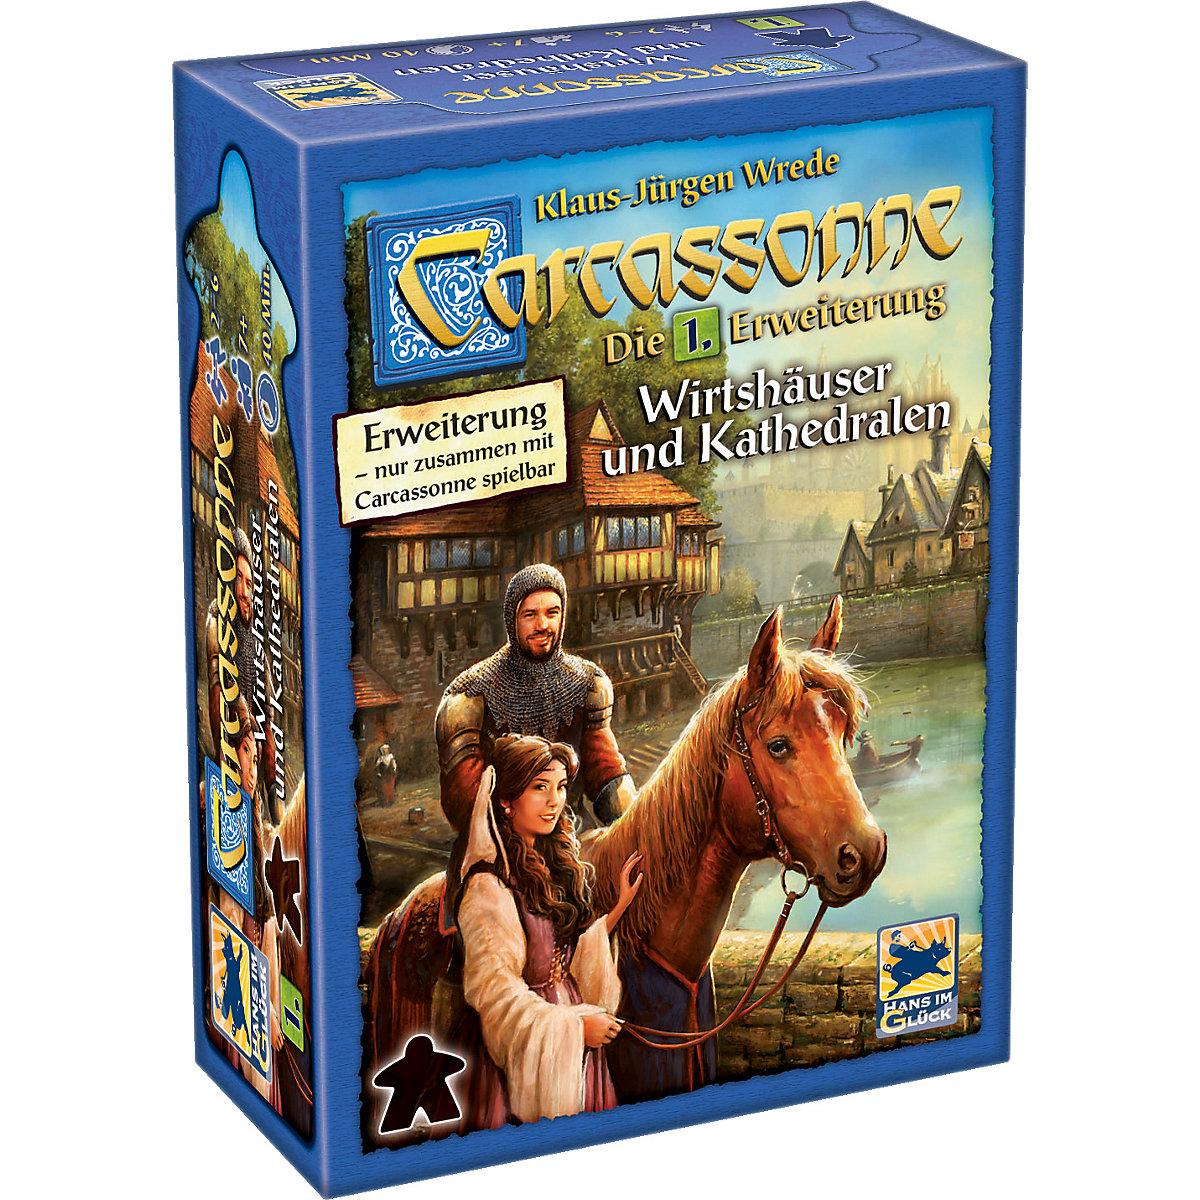 Carcassonne 1 Erweiterung